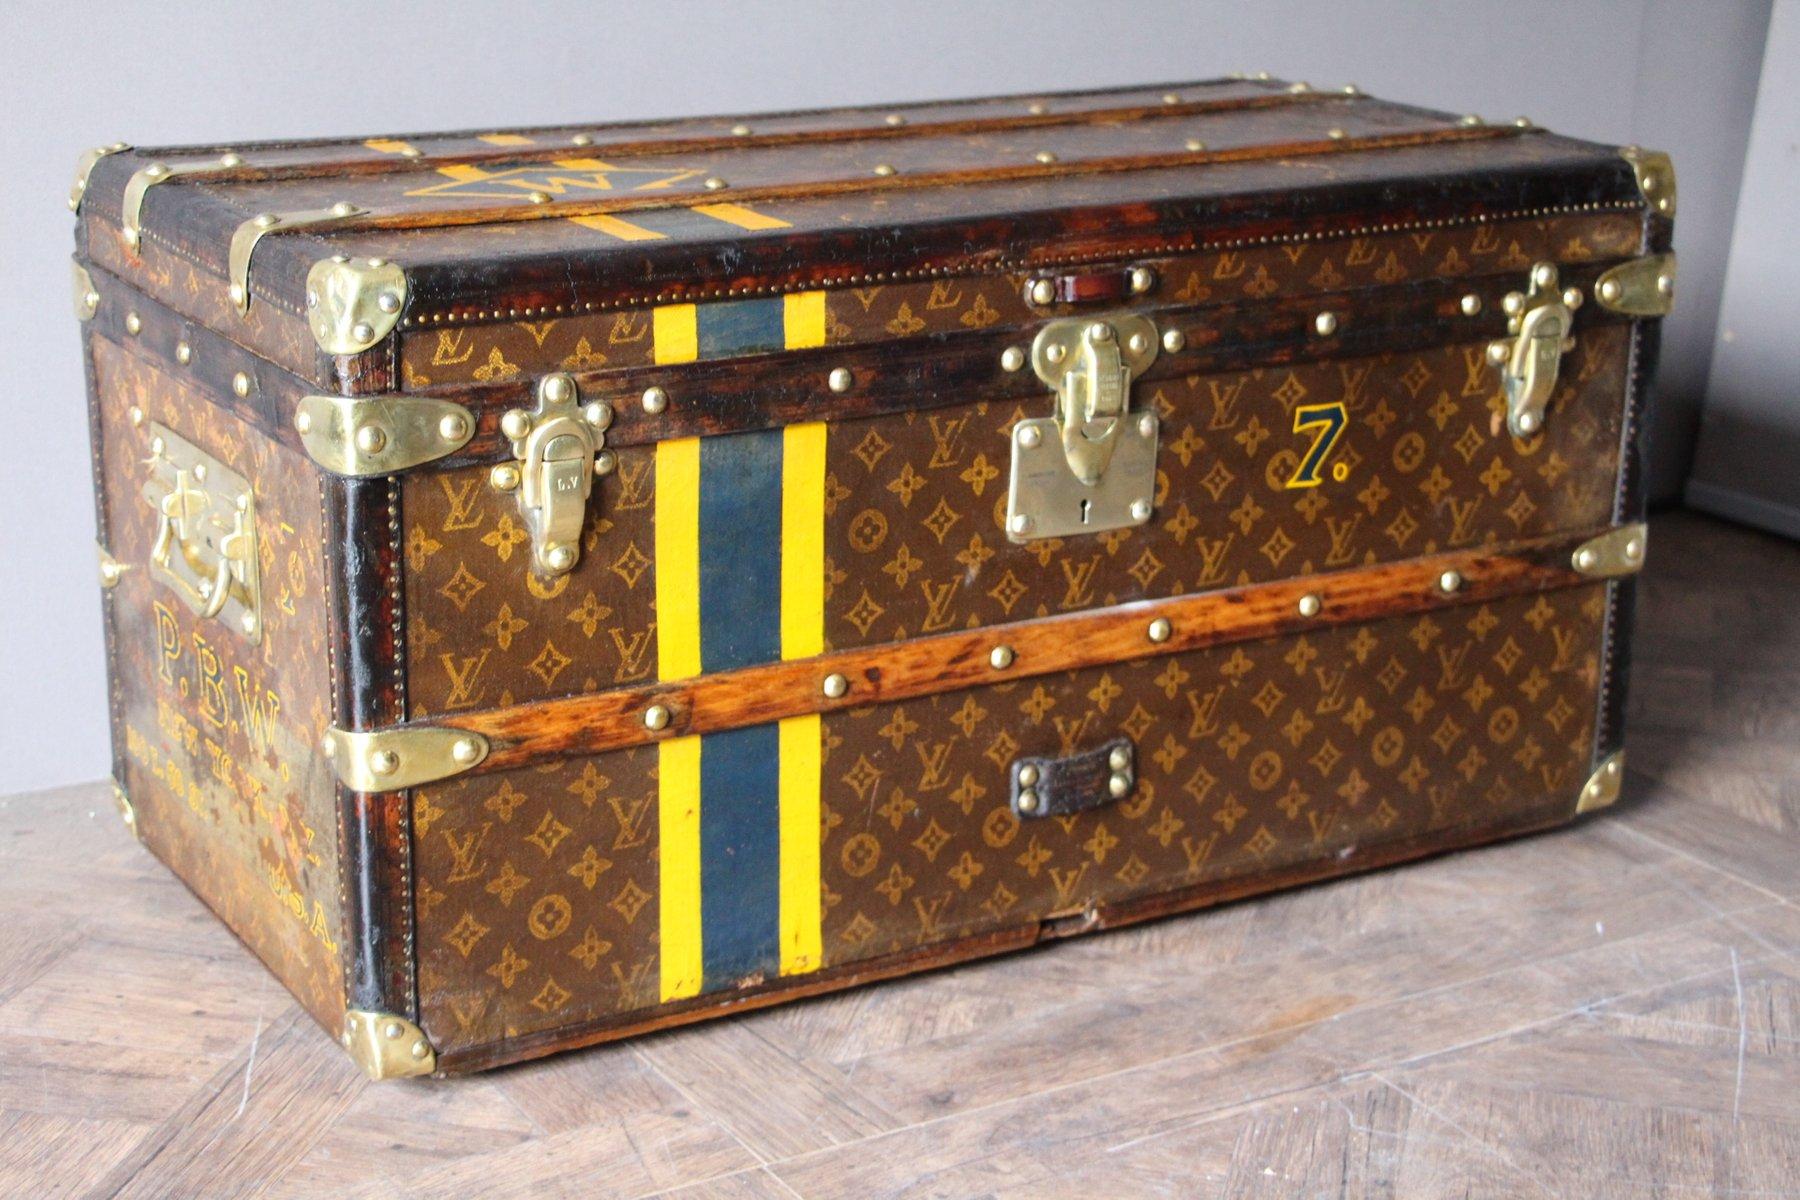 petite malle de voyage monogrammed vintage de louis vuitton en vente sur pamono. Black Bedroom Furniture Sets. Home Design Ideas